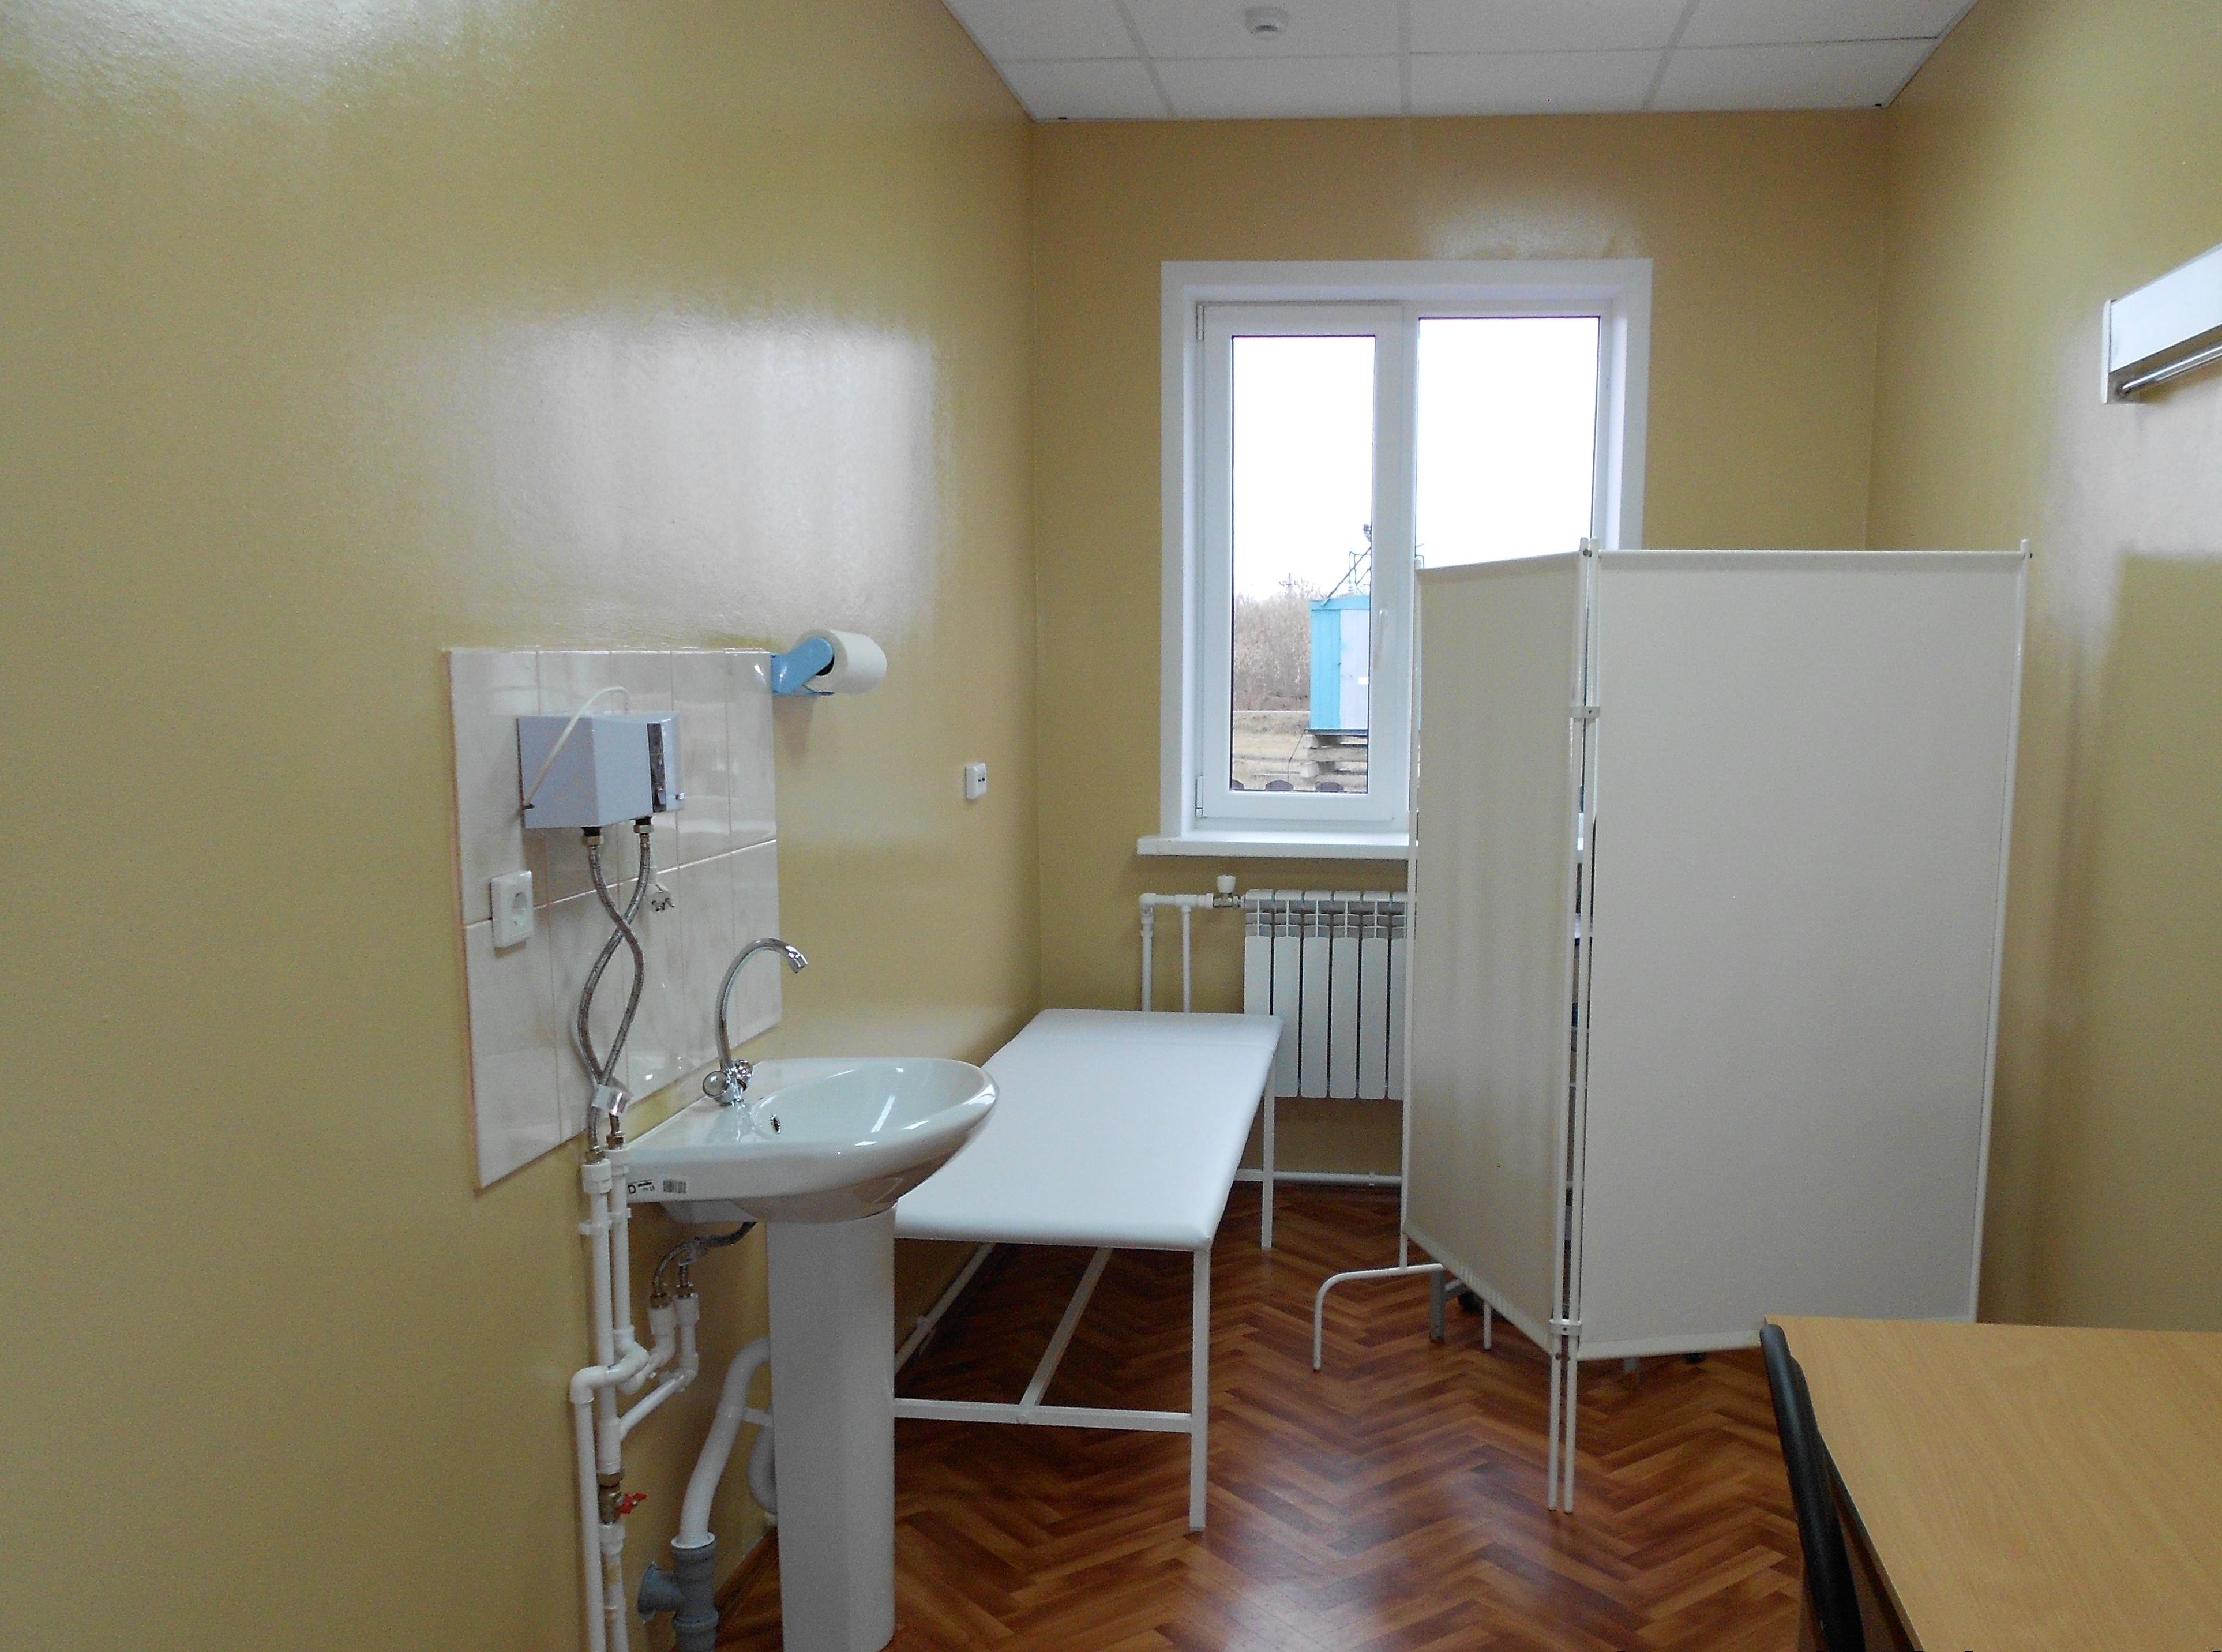 Медицинский центр в ростове на дону на 14 линии